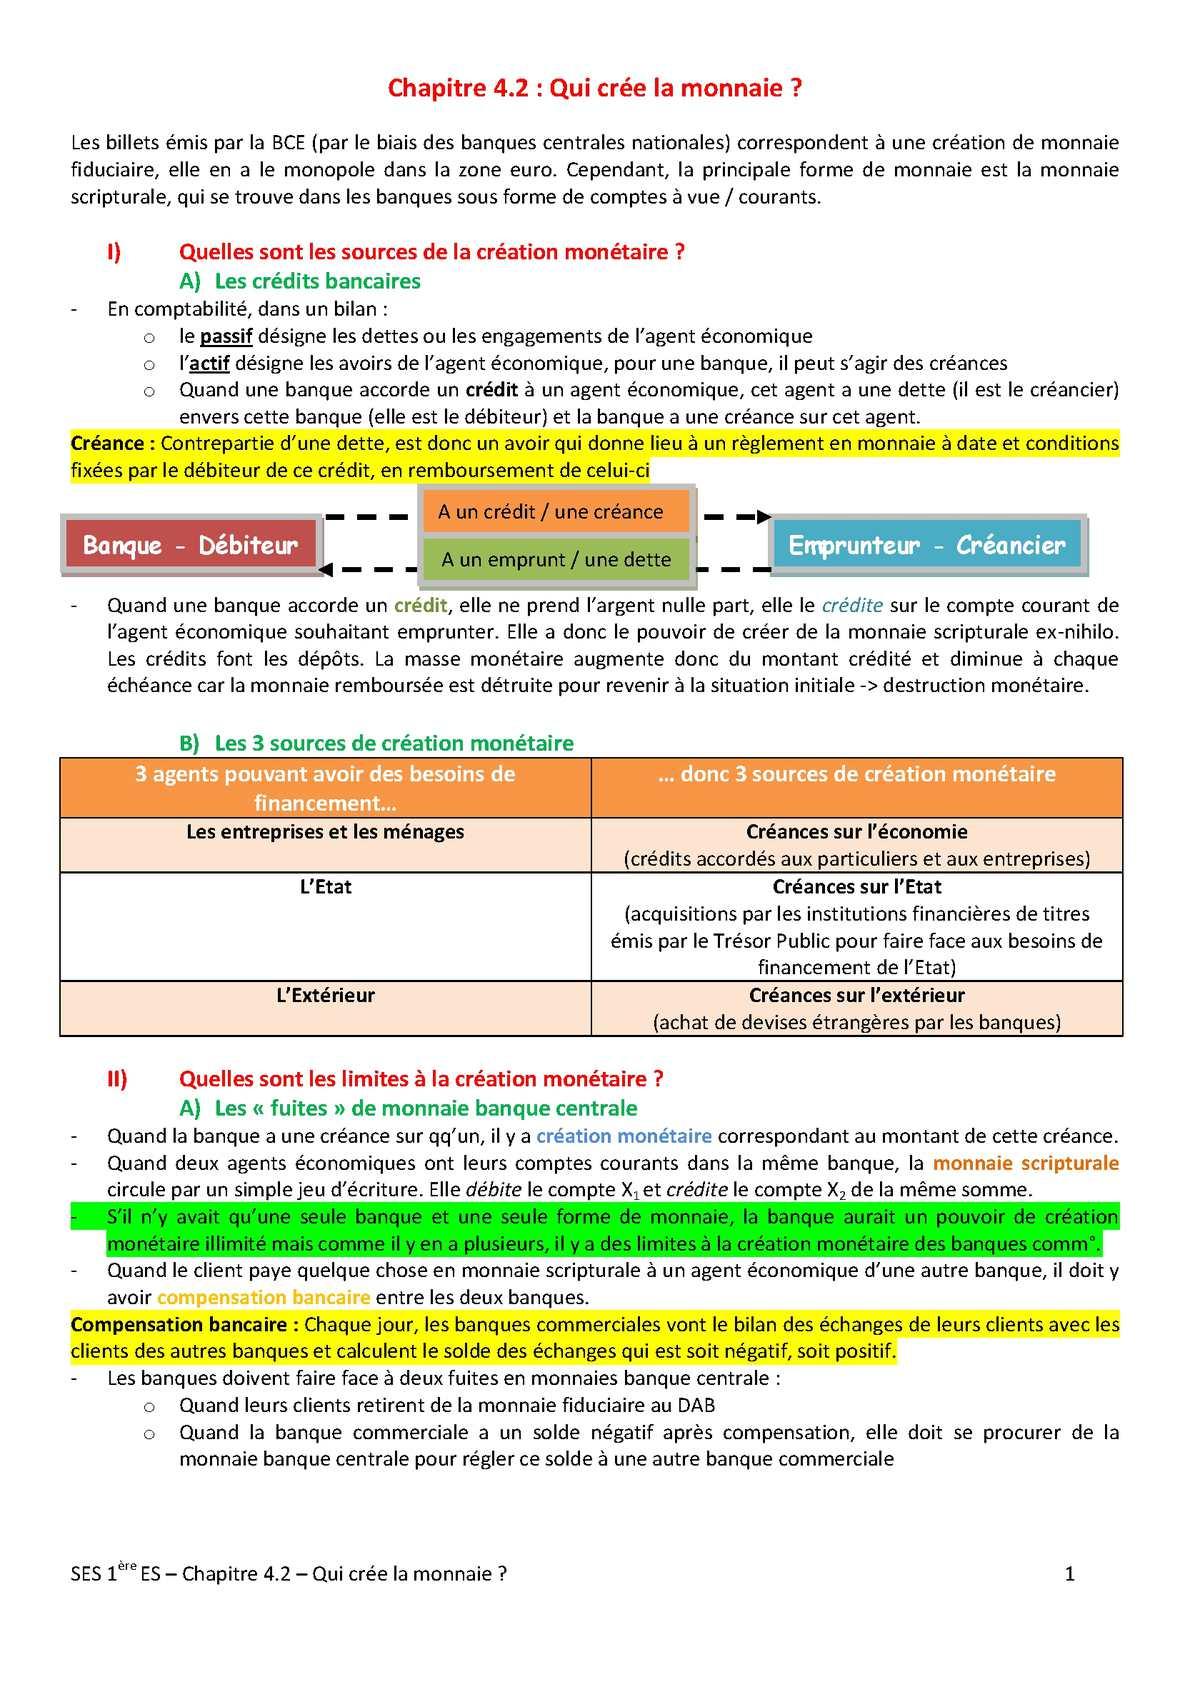 ES - SOCIO - Chapitre 12 | JéSky.fr